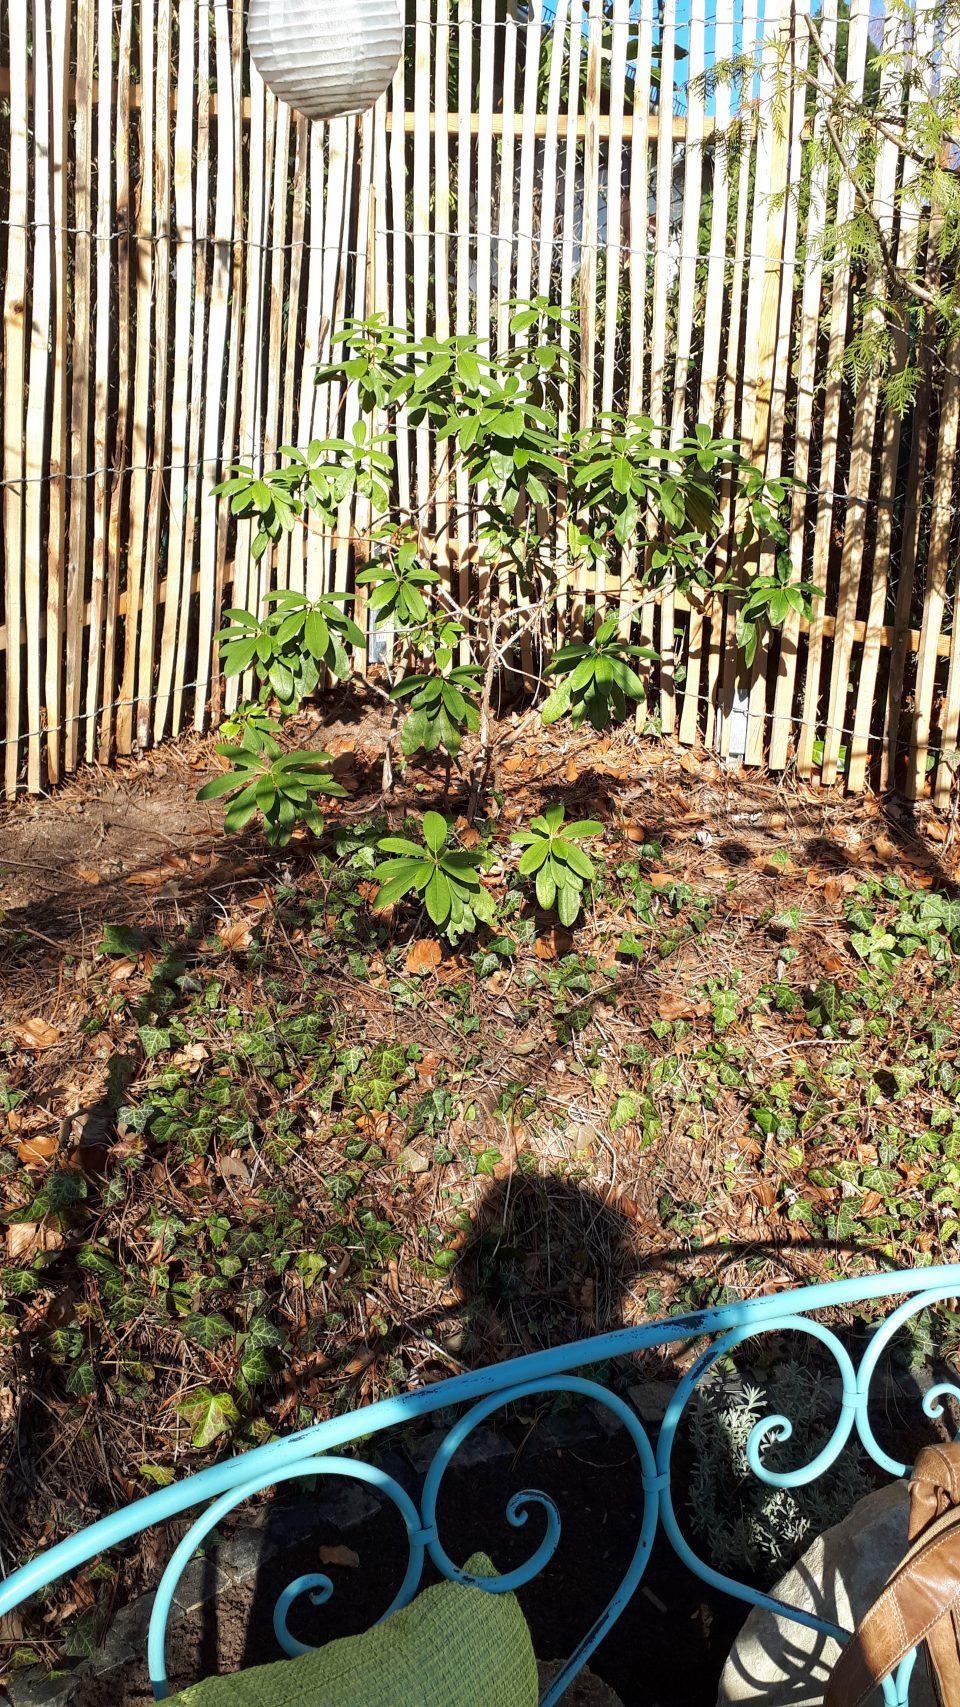 Der Rhododendron der bei den Baumfällarbeiten entdeckt wurde, erholt sich